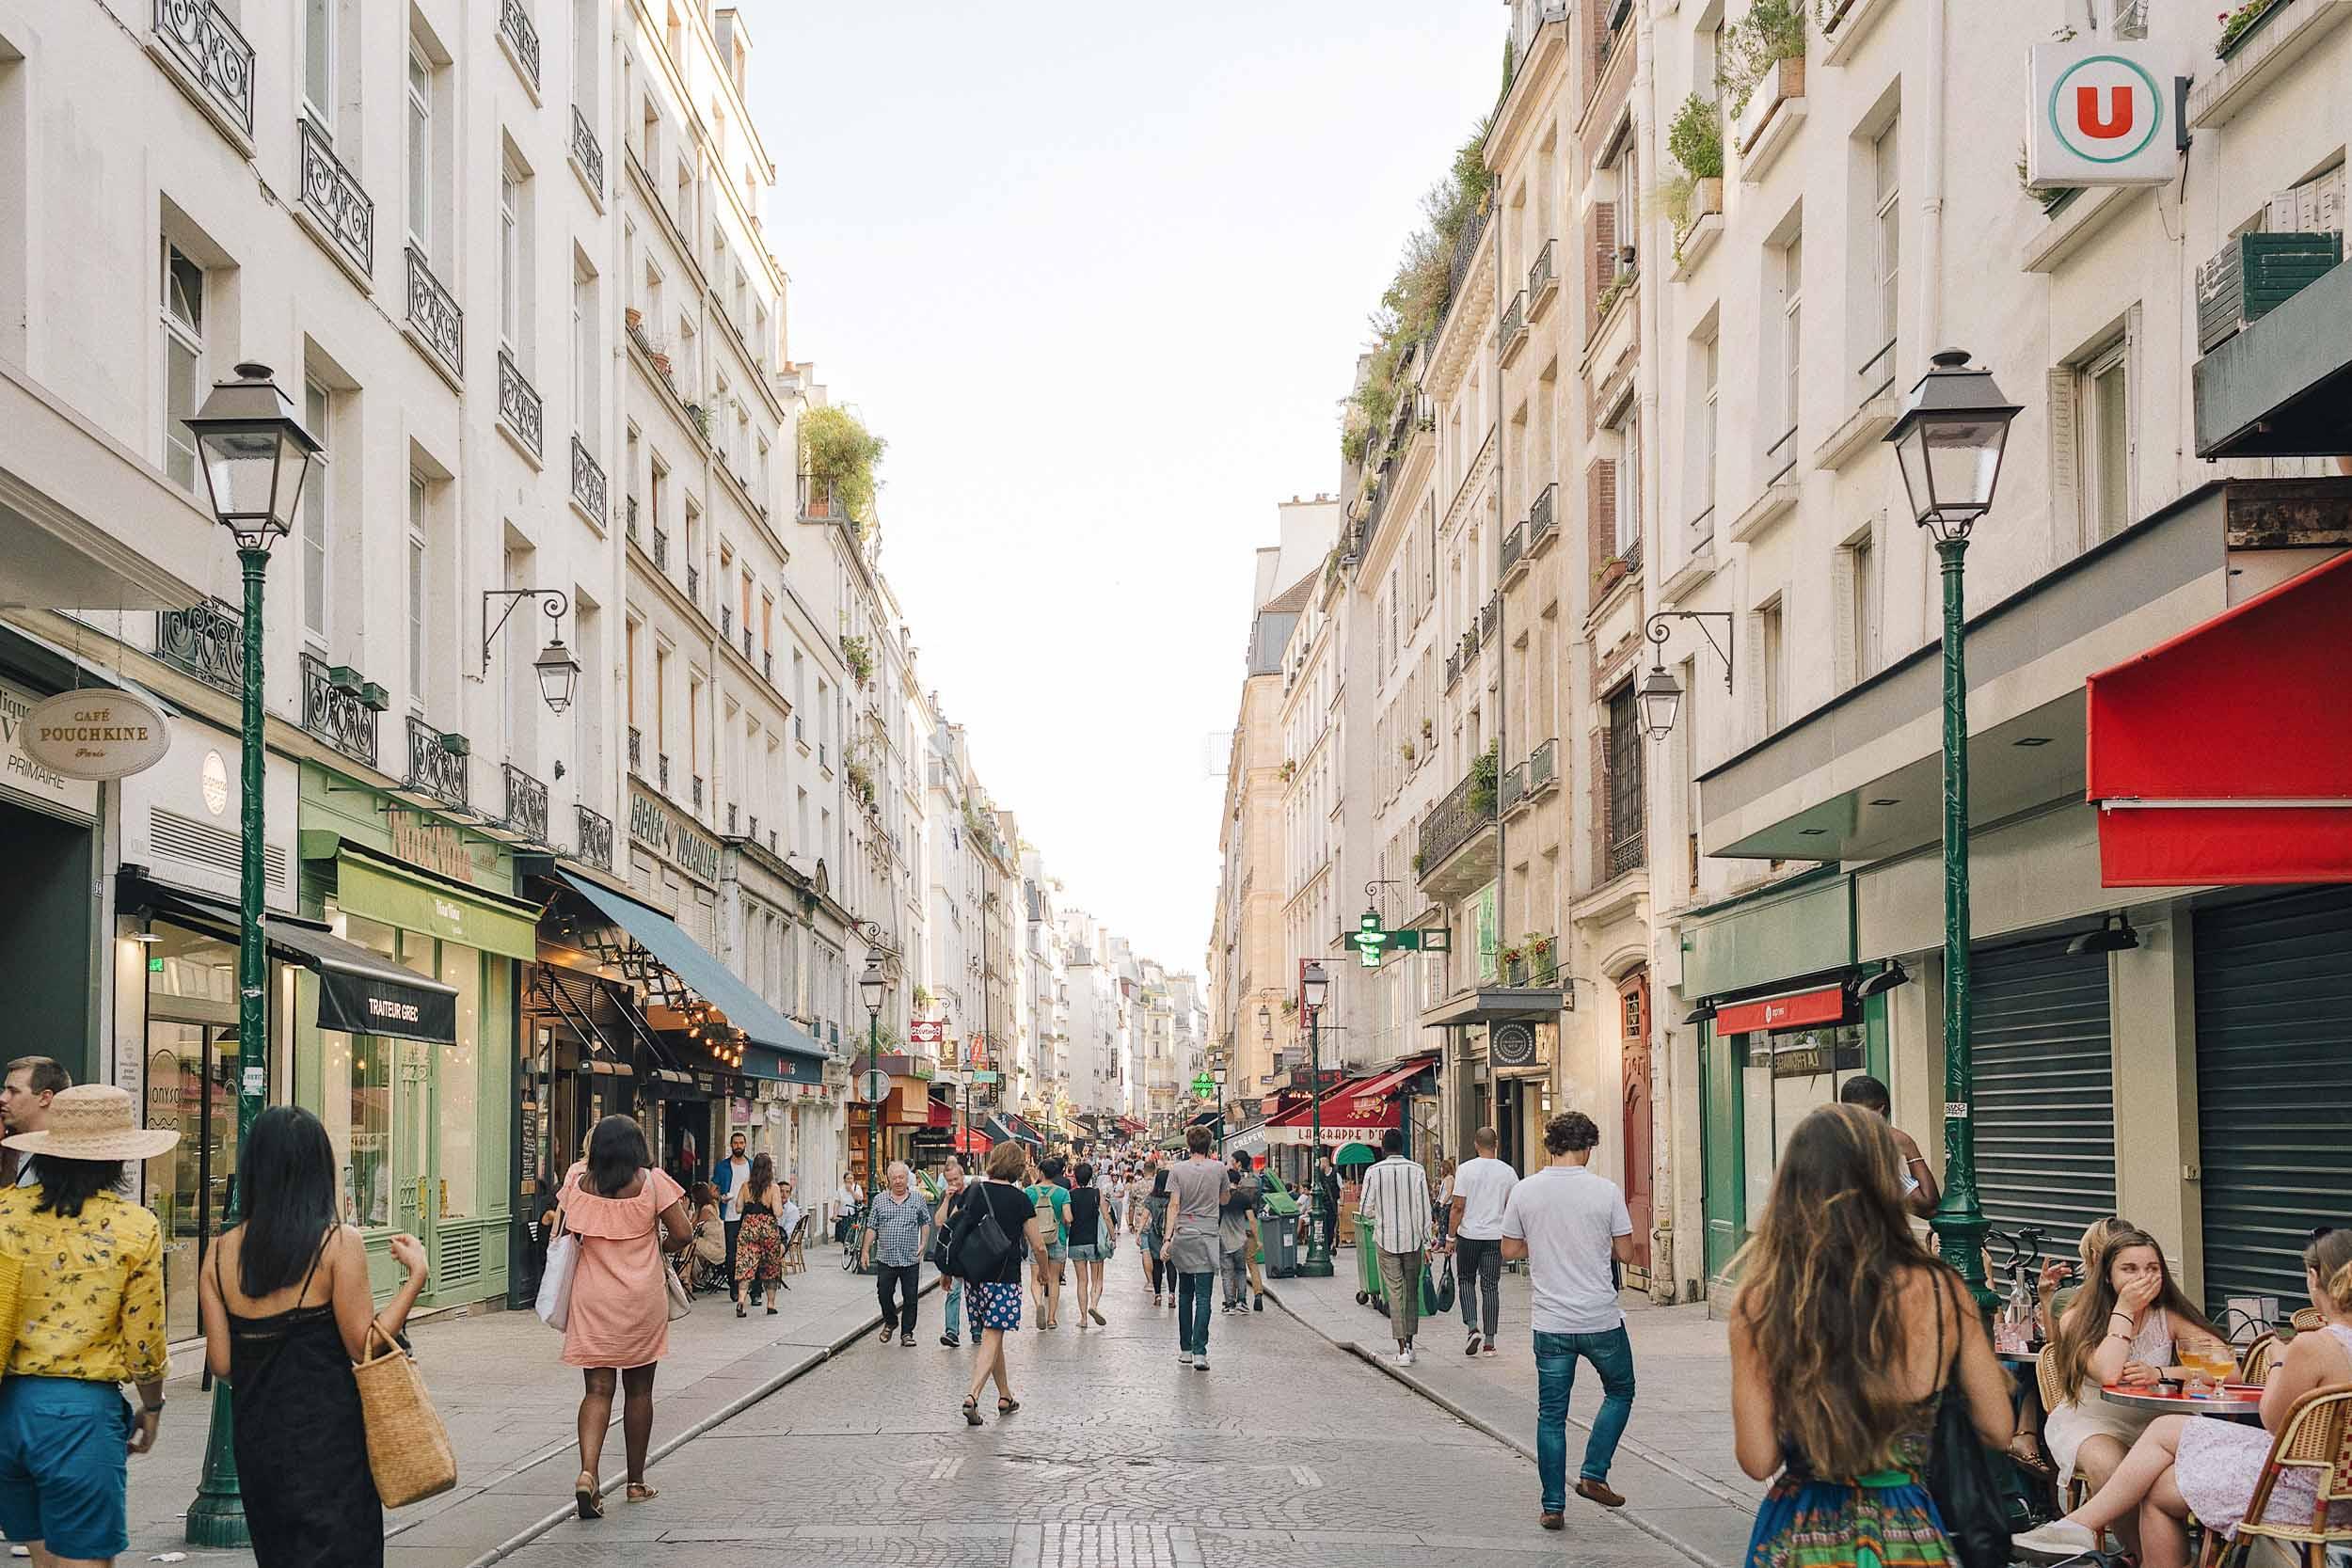 Rue Montorgeuil in Paris, a market street worth walking around